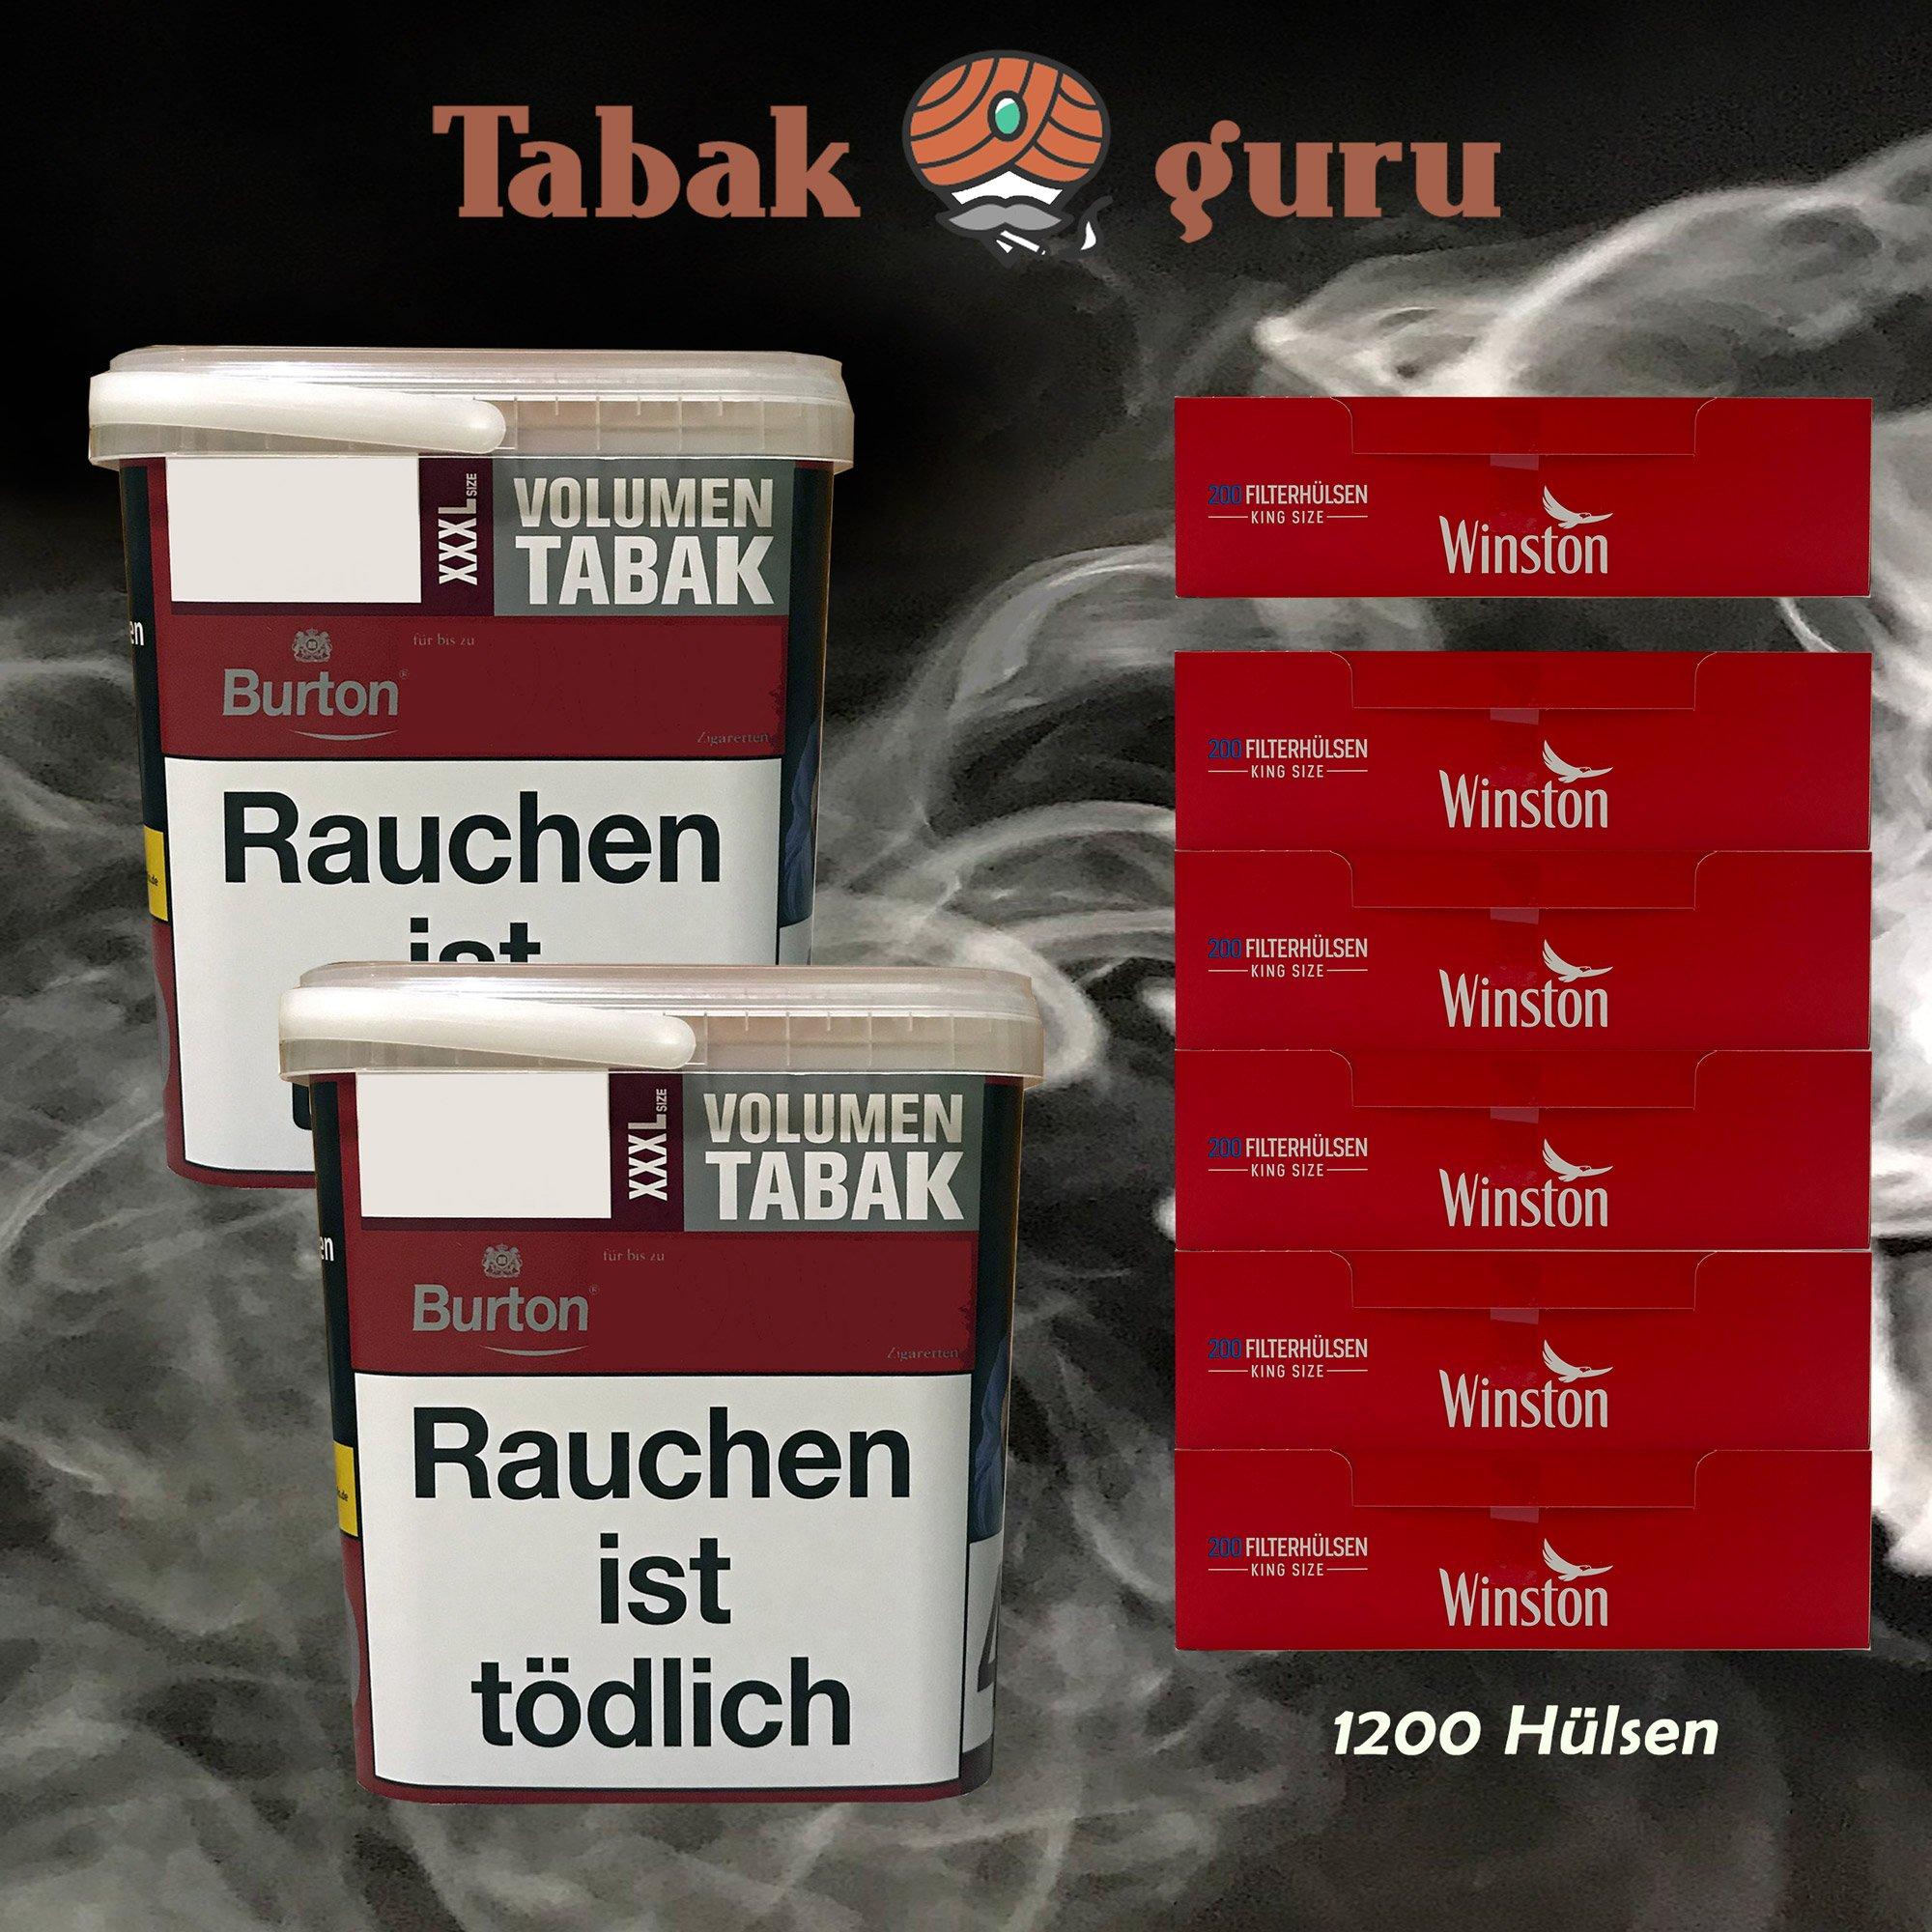 2x Burton Red Volumentabak / Zigarettentabak XXXL Eimer 370g, 1.200 Hülsen